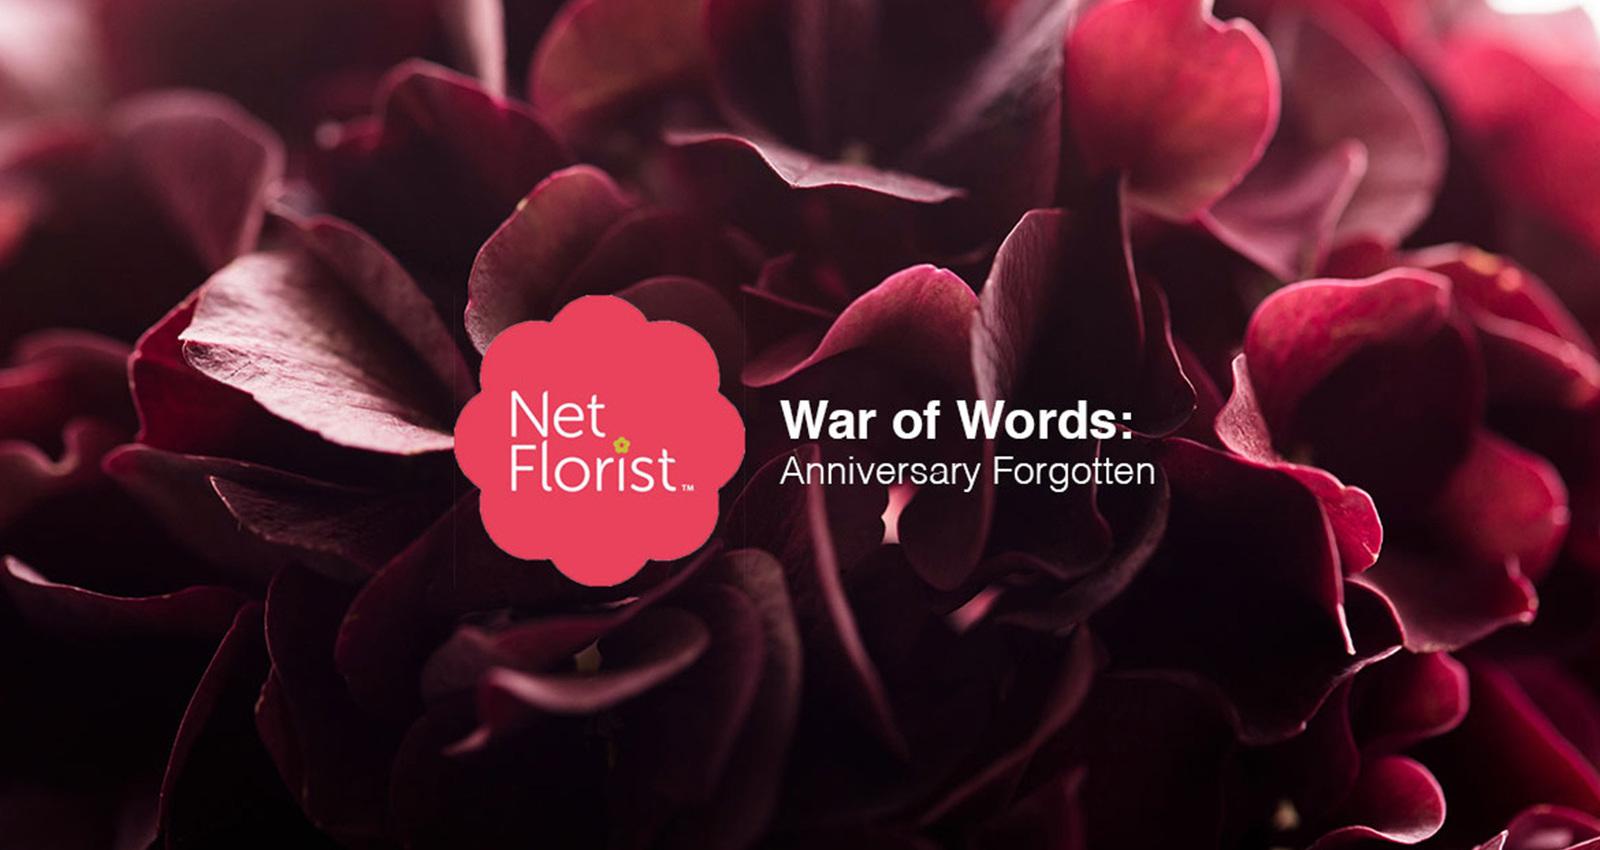 A War of Words - Anniversary Forgotten